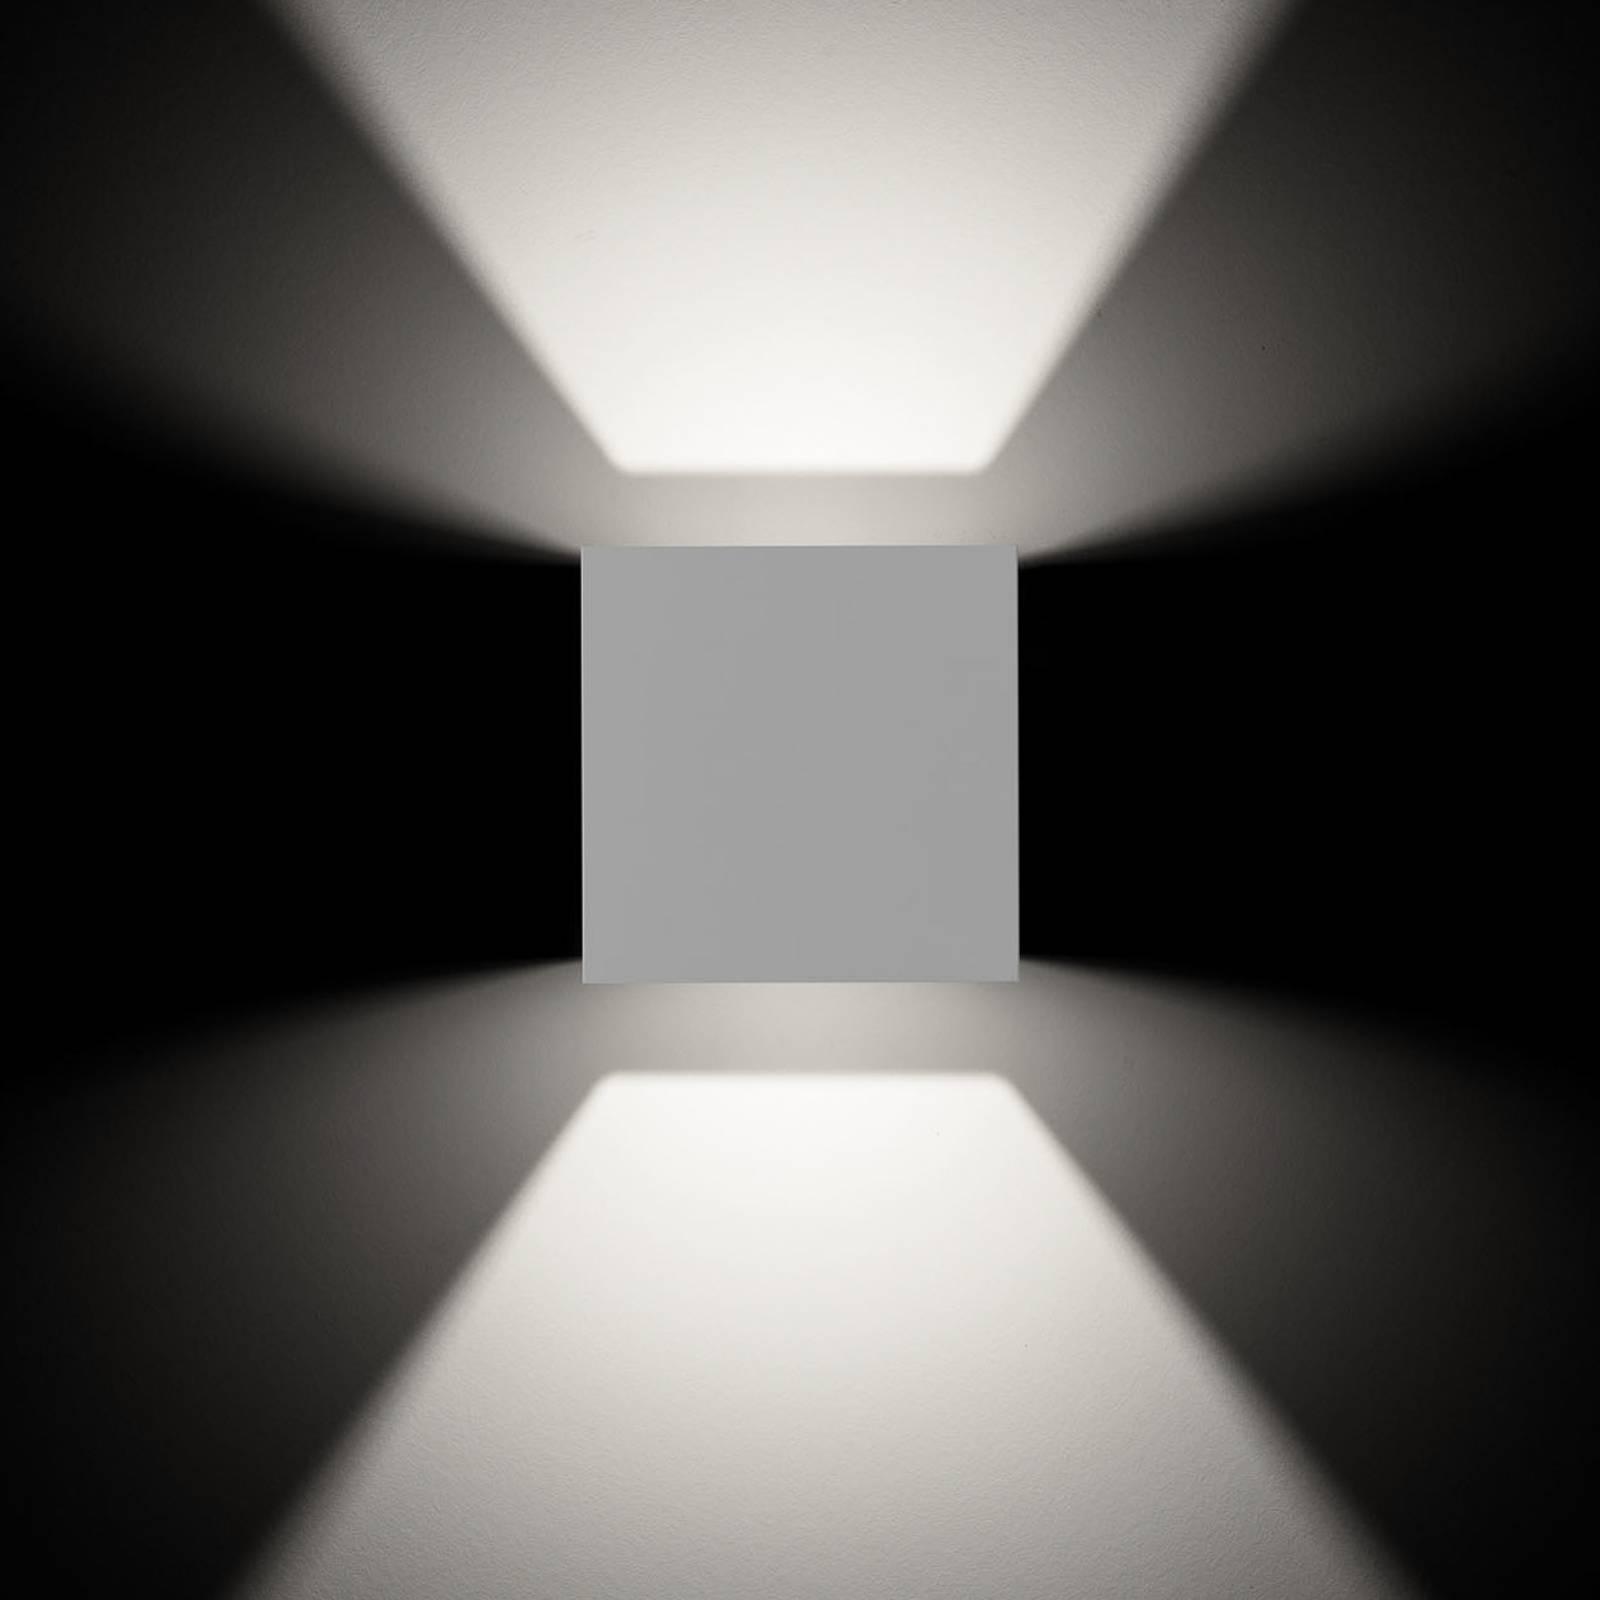 LED-Außenwandleuchte 9033 up/down, weiß